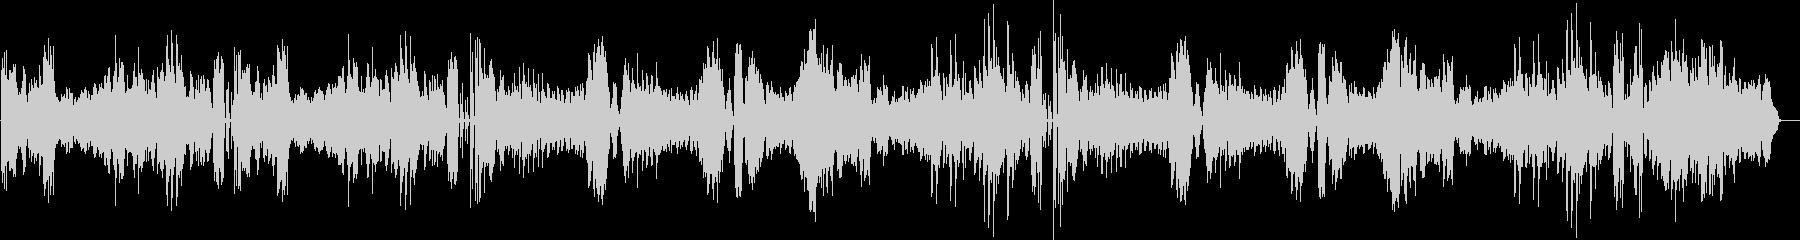 ベートヴェンのピアのソナタ25番の未再生の波形